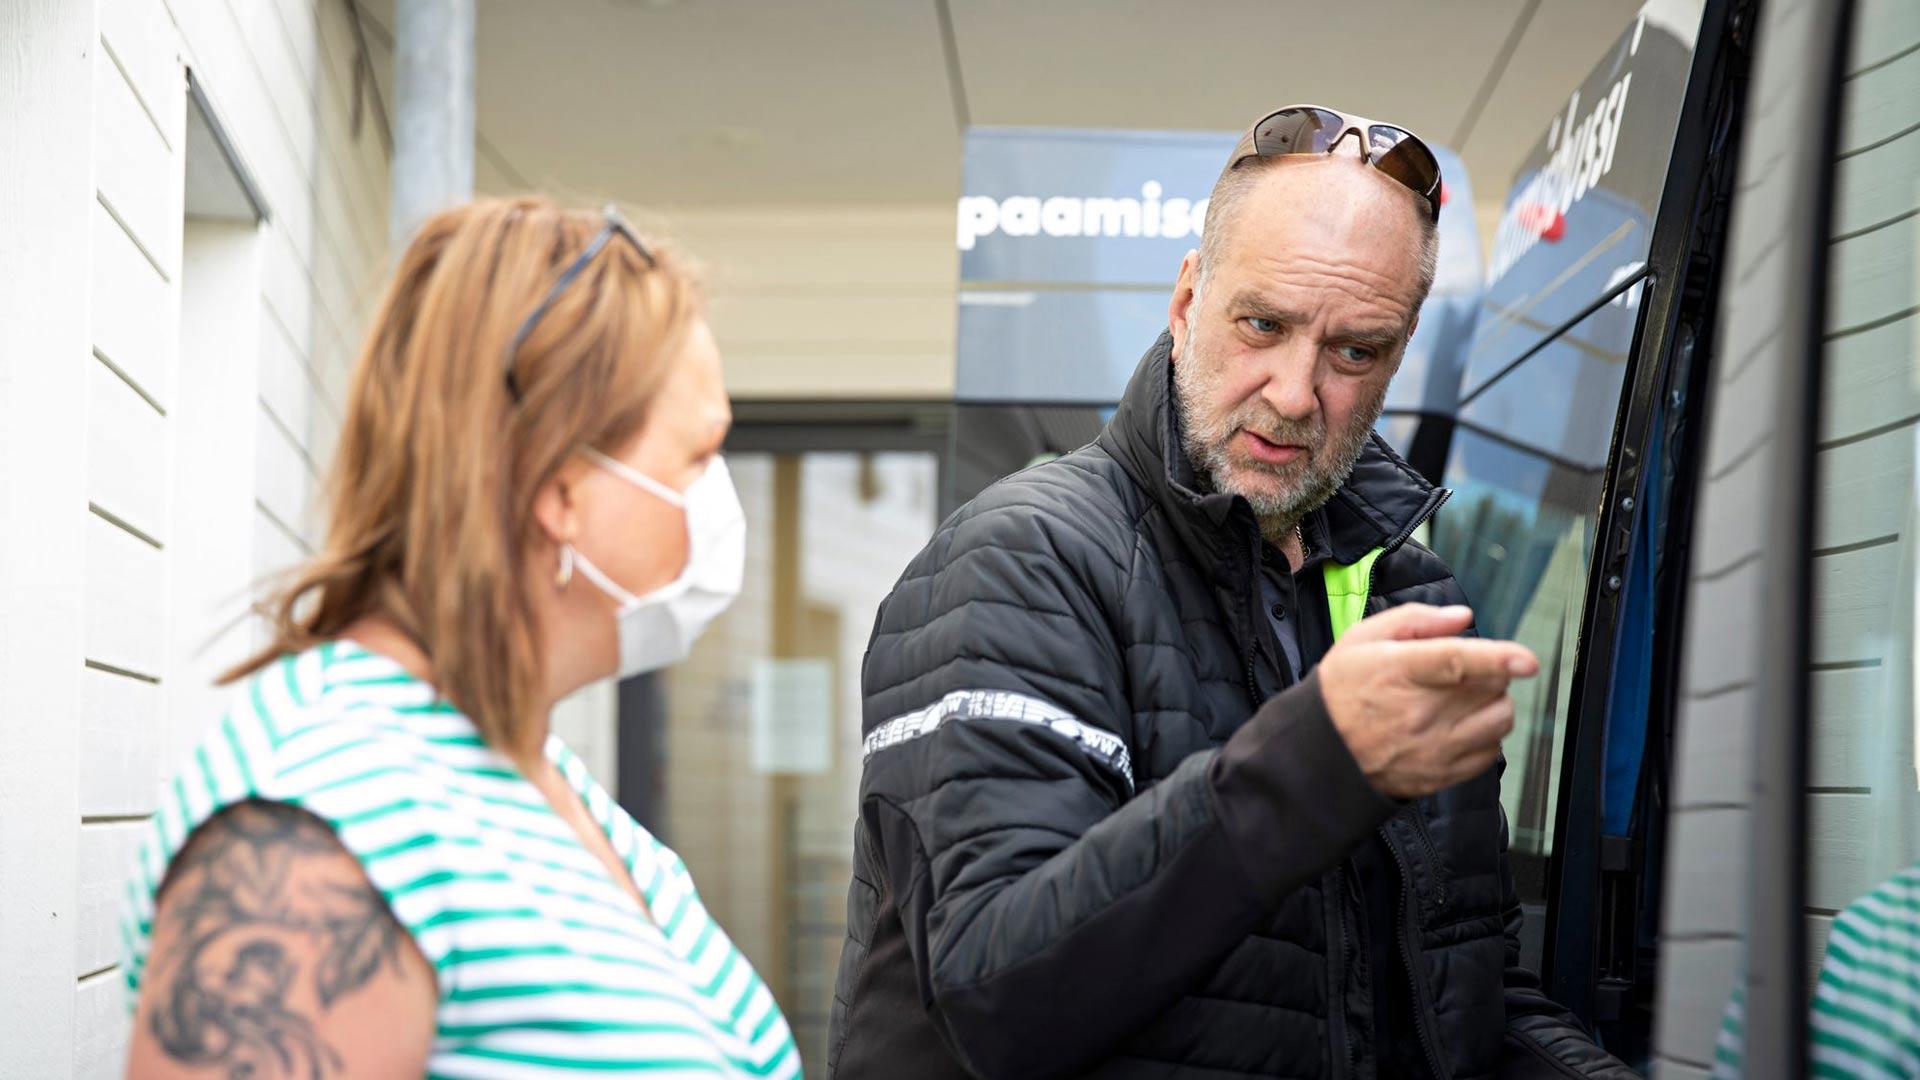 Tapaamisbussin emännällä Sari Lahtisella on alkamassa ensimmäinen työpäivä. Lahtinen ja yrittäjä Jari-Pekka Lehtinen käyvät ennen tapaamisia läpi päivän kulkua.